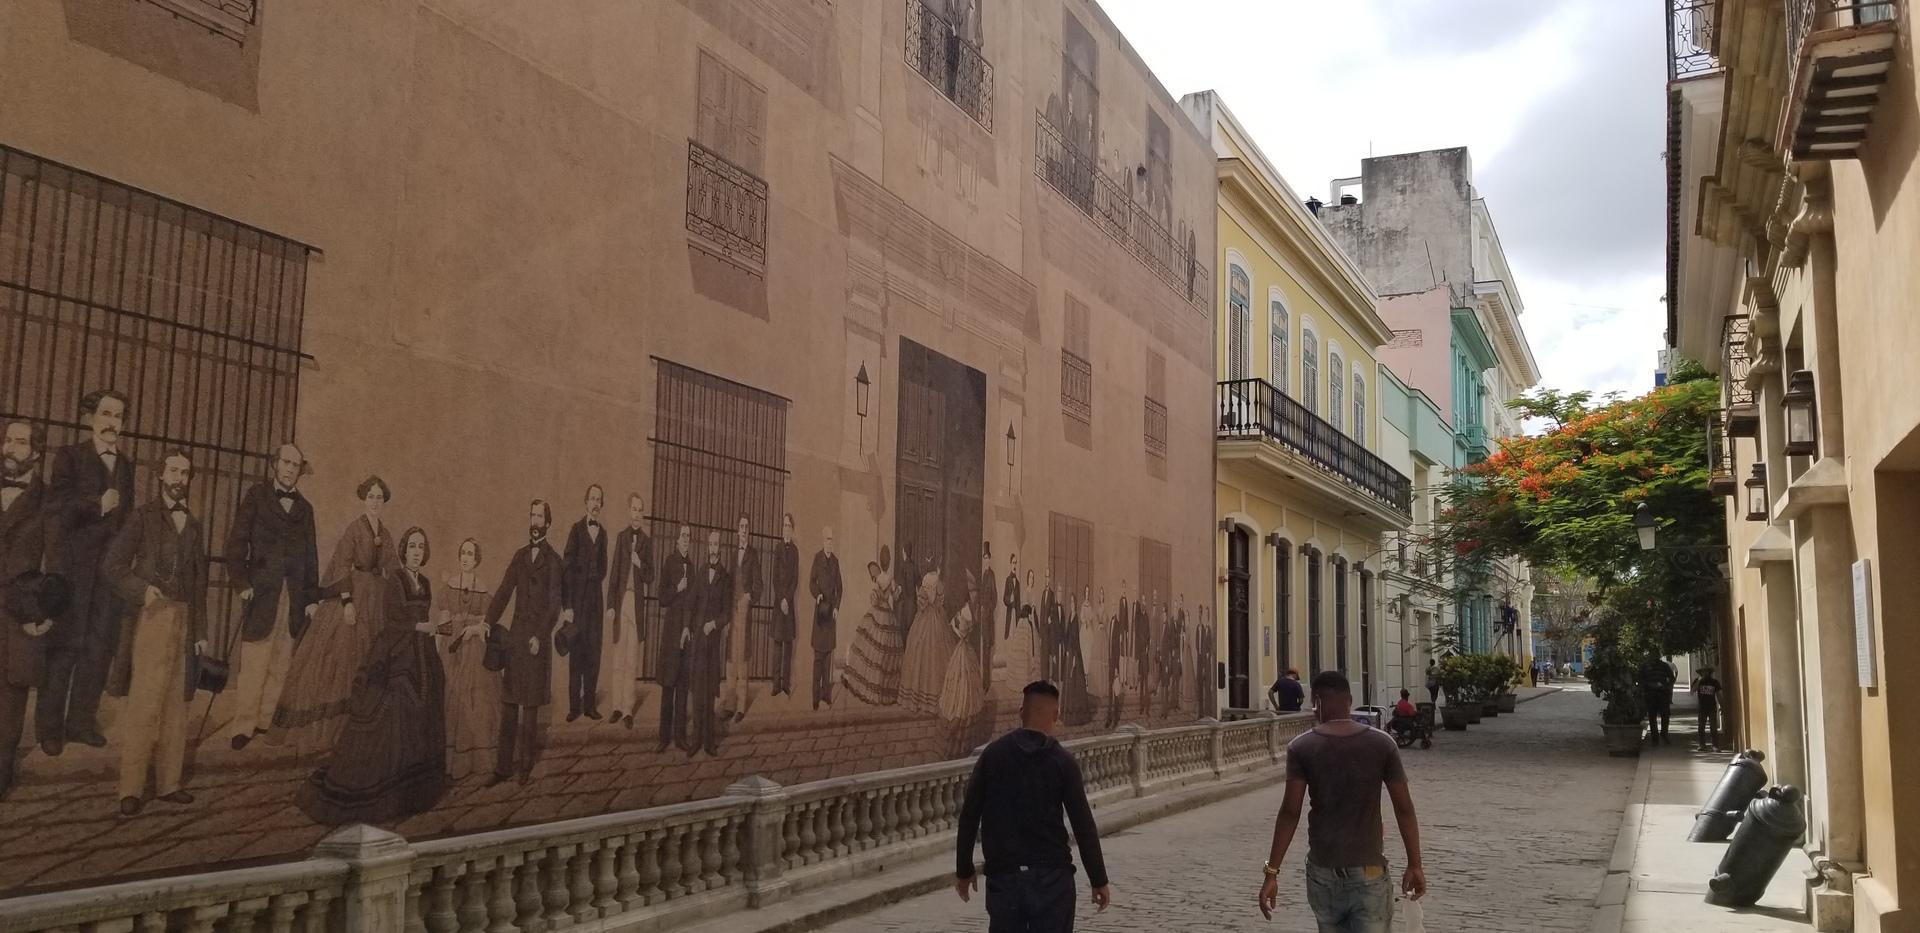 キューバということでひとりで街を回るのも少し心配だったので、申し込みしました。ラッキーなことにガイドさん一人占めでしたので、自分のペースにあわせてガイドしてもらえました! 旧市街をウォーキングで一回りして、クラッシックカーで少し遠いところをぐるっと一回りして、短時間ながらもハバナを楽しめました。説明も丁寧で分かりやすかったです。 ※レストランも好みにあわせて紹介していただけ、安心して過ごせました。ガイドさん、ありがとうございました。